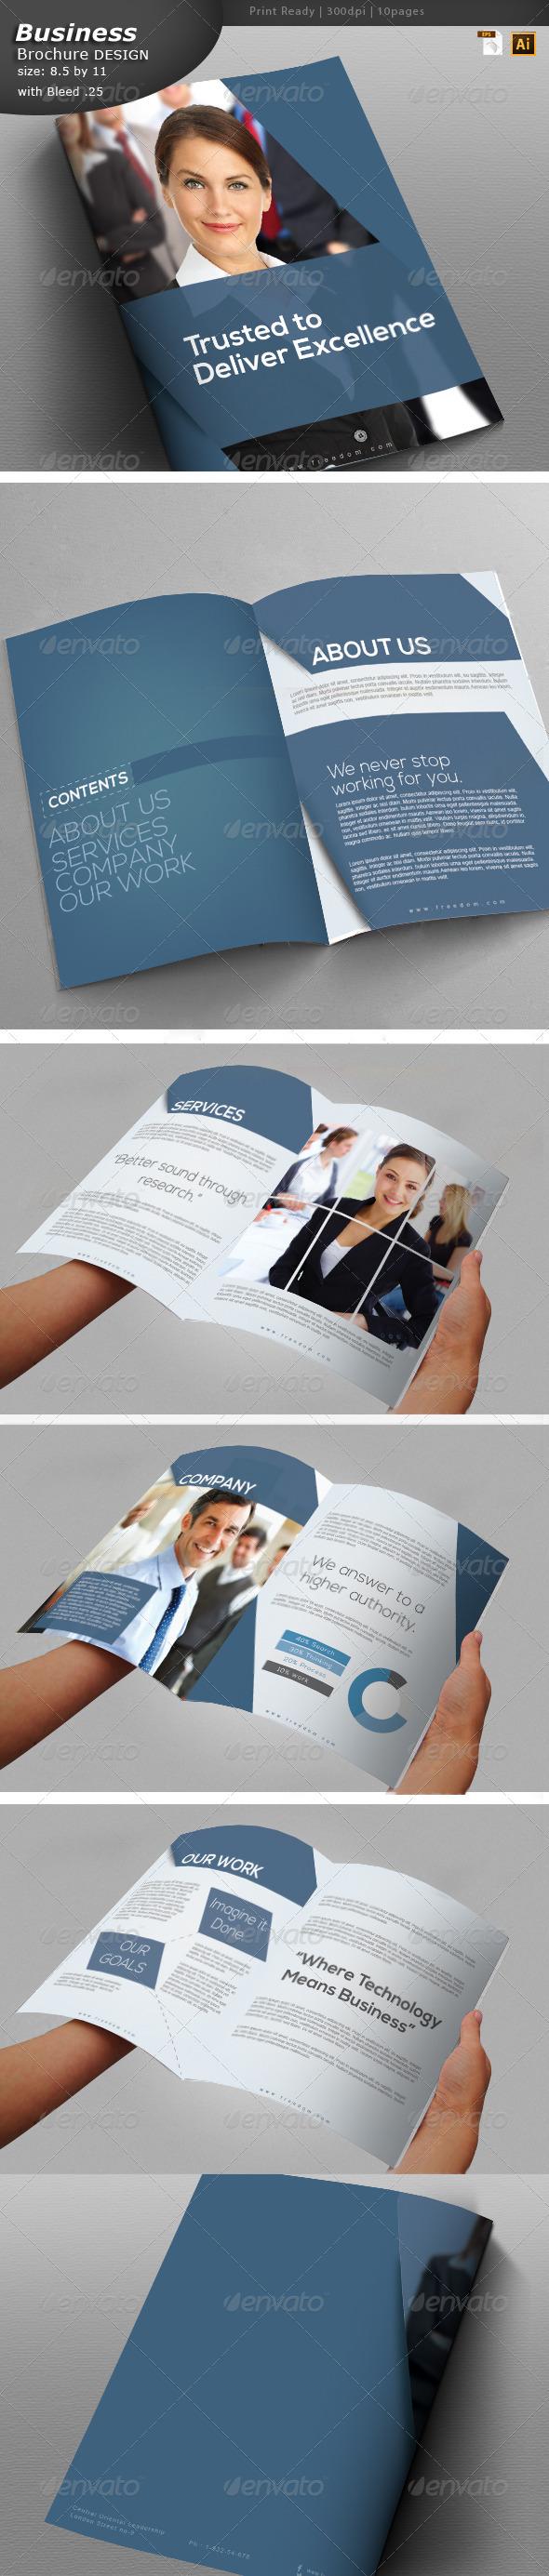 GraphicRiver Marketing Brochure Design 6112292